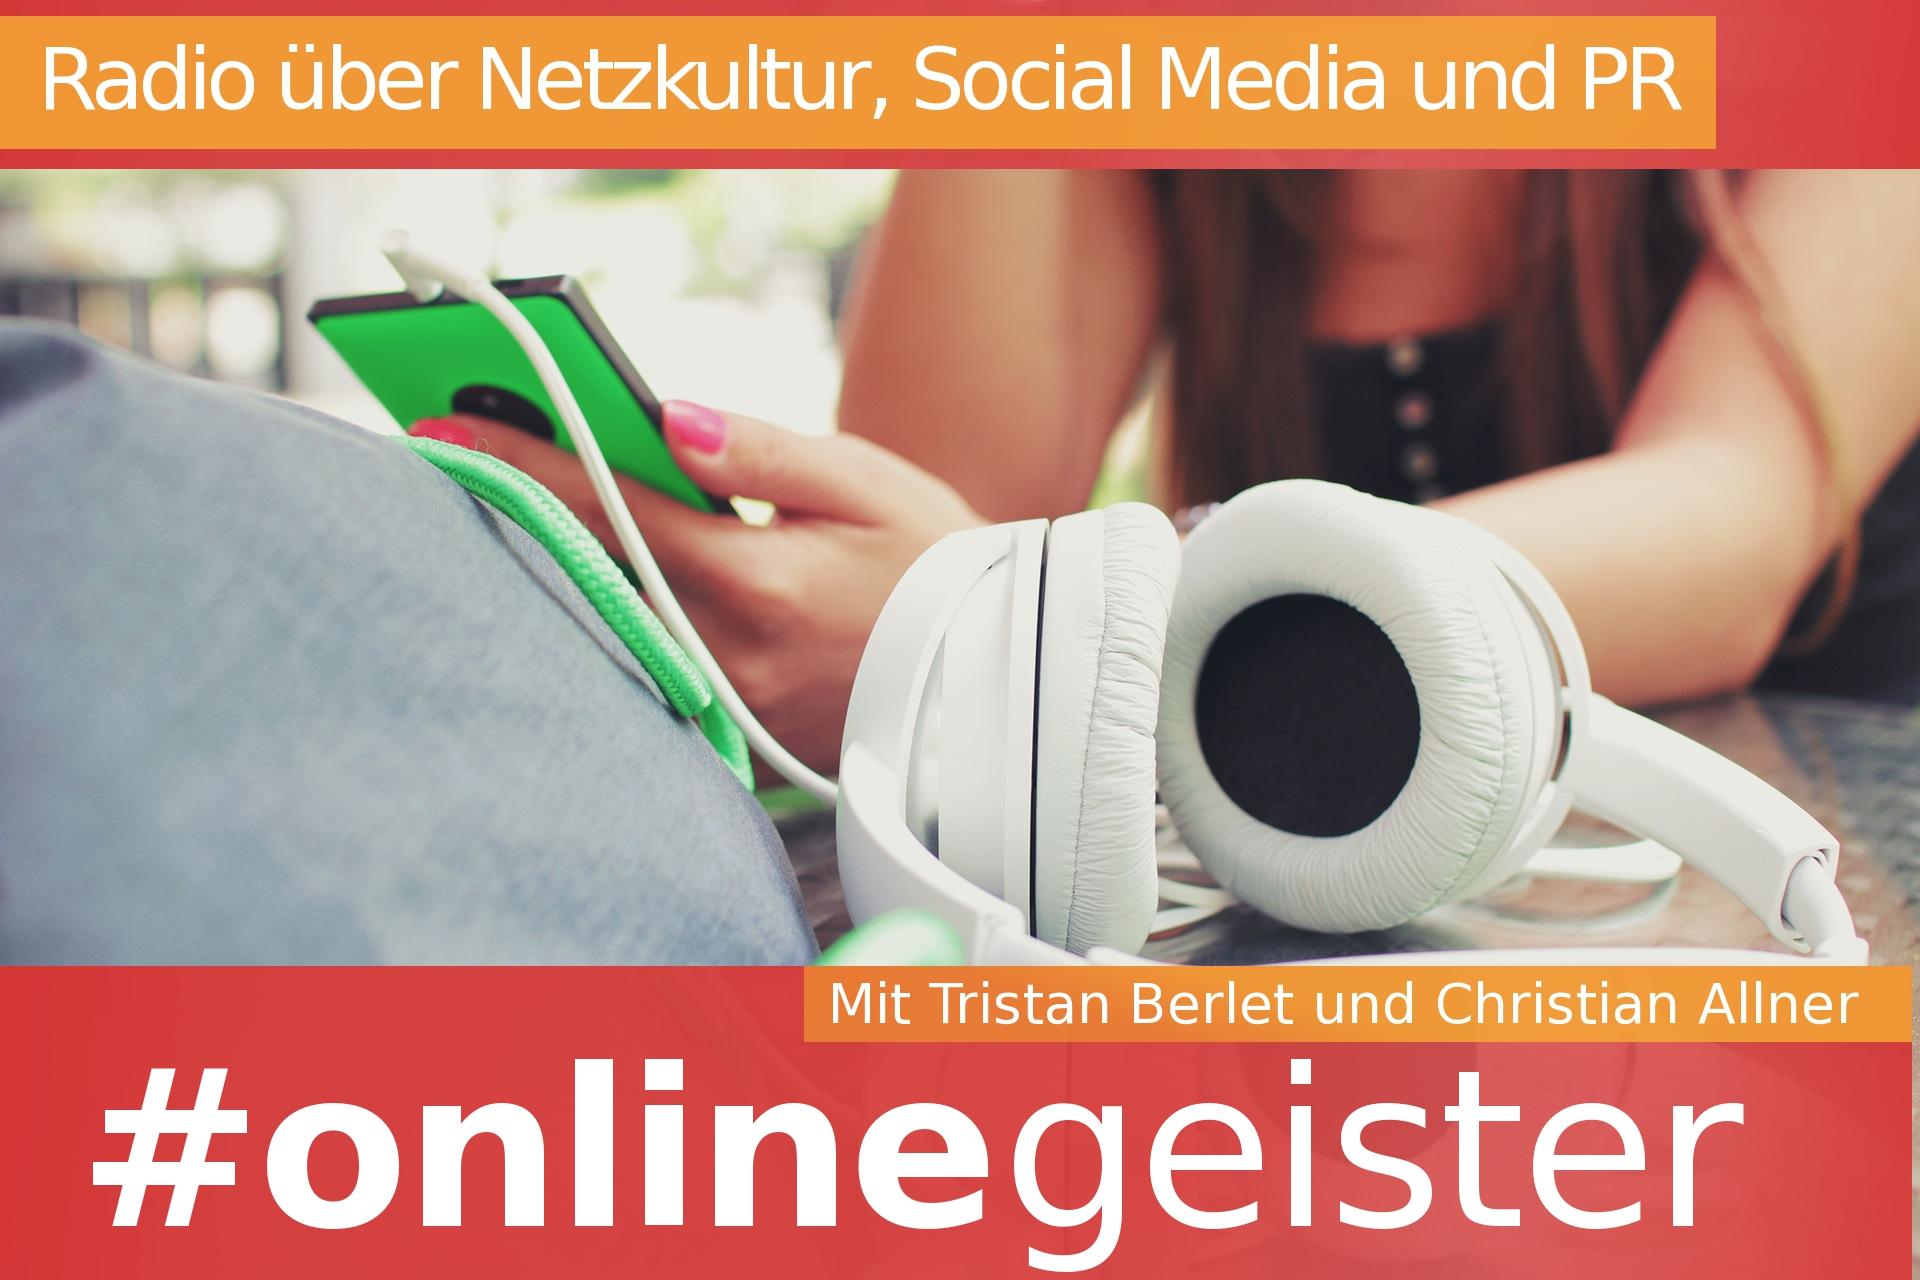 Header Image - Radio über Netzkultur, Social Media und PR